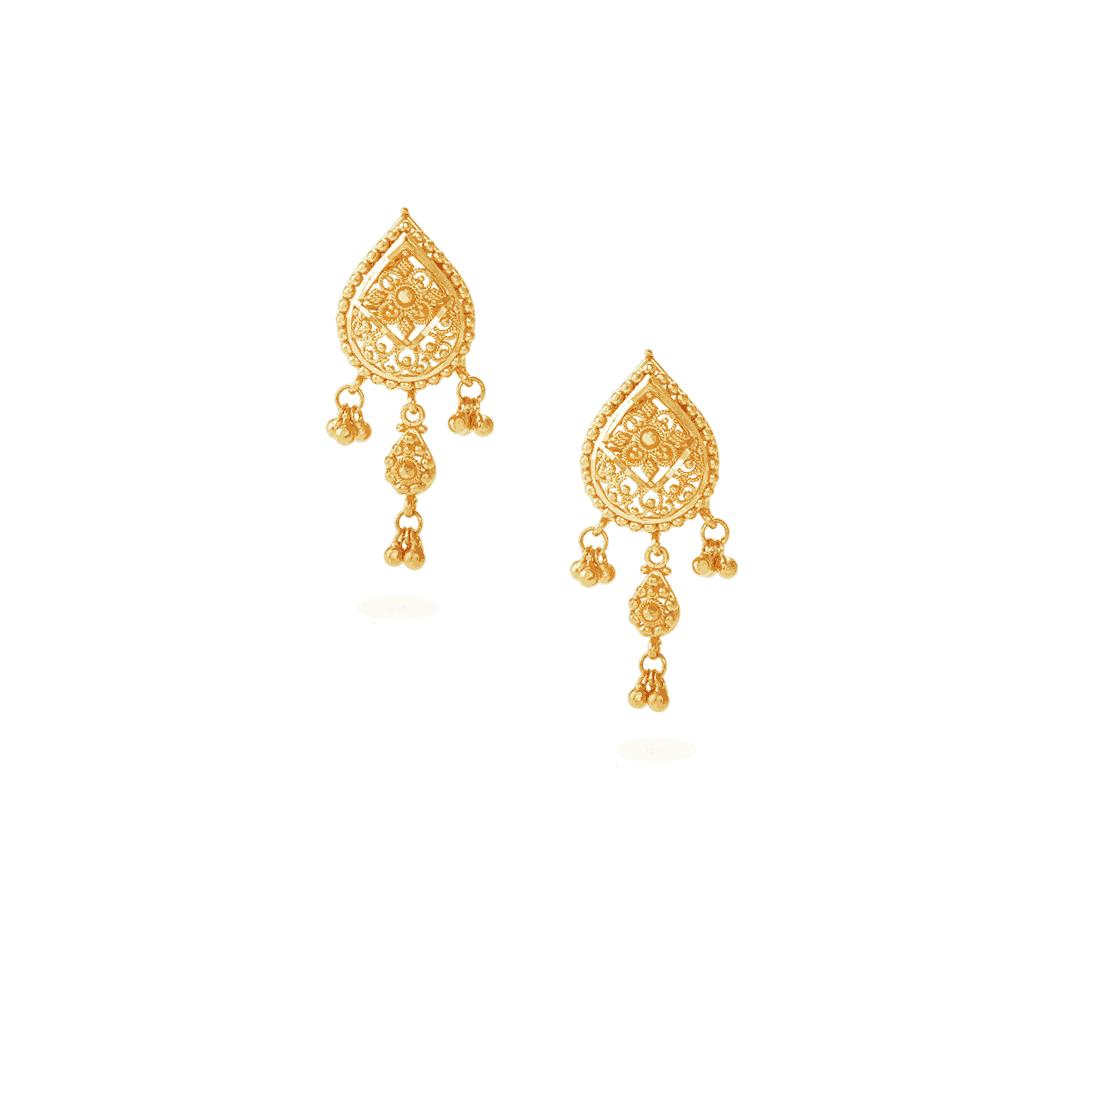 22502E - Jali 22ct Gold Filigree Earrings